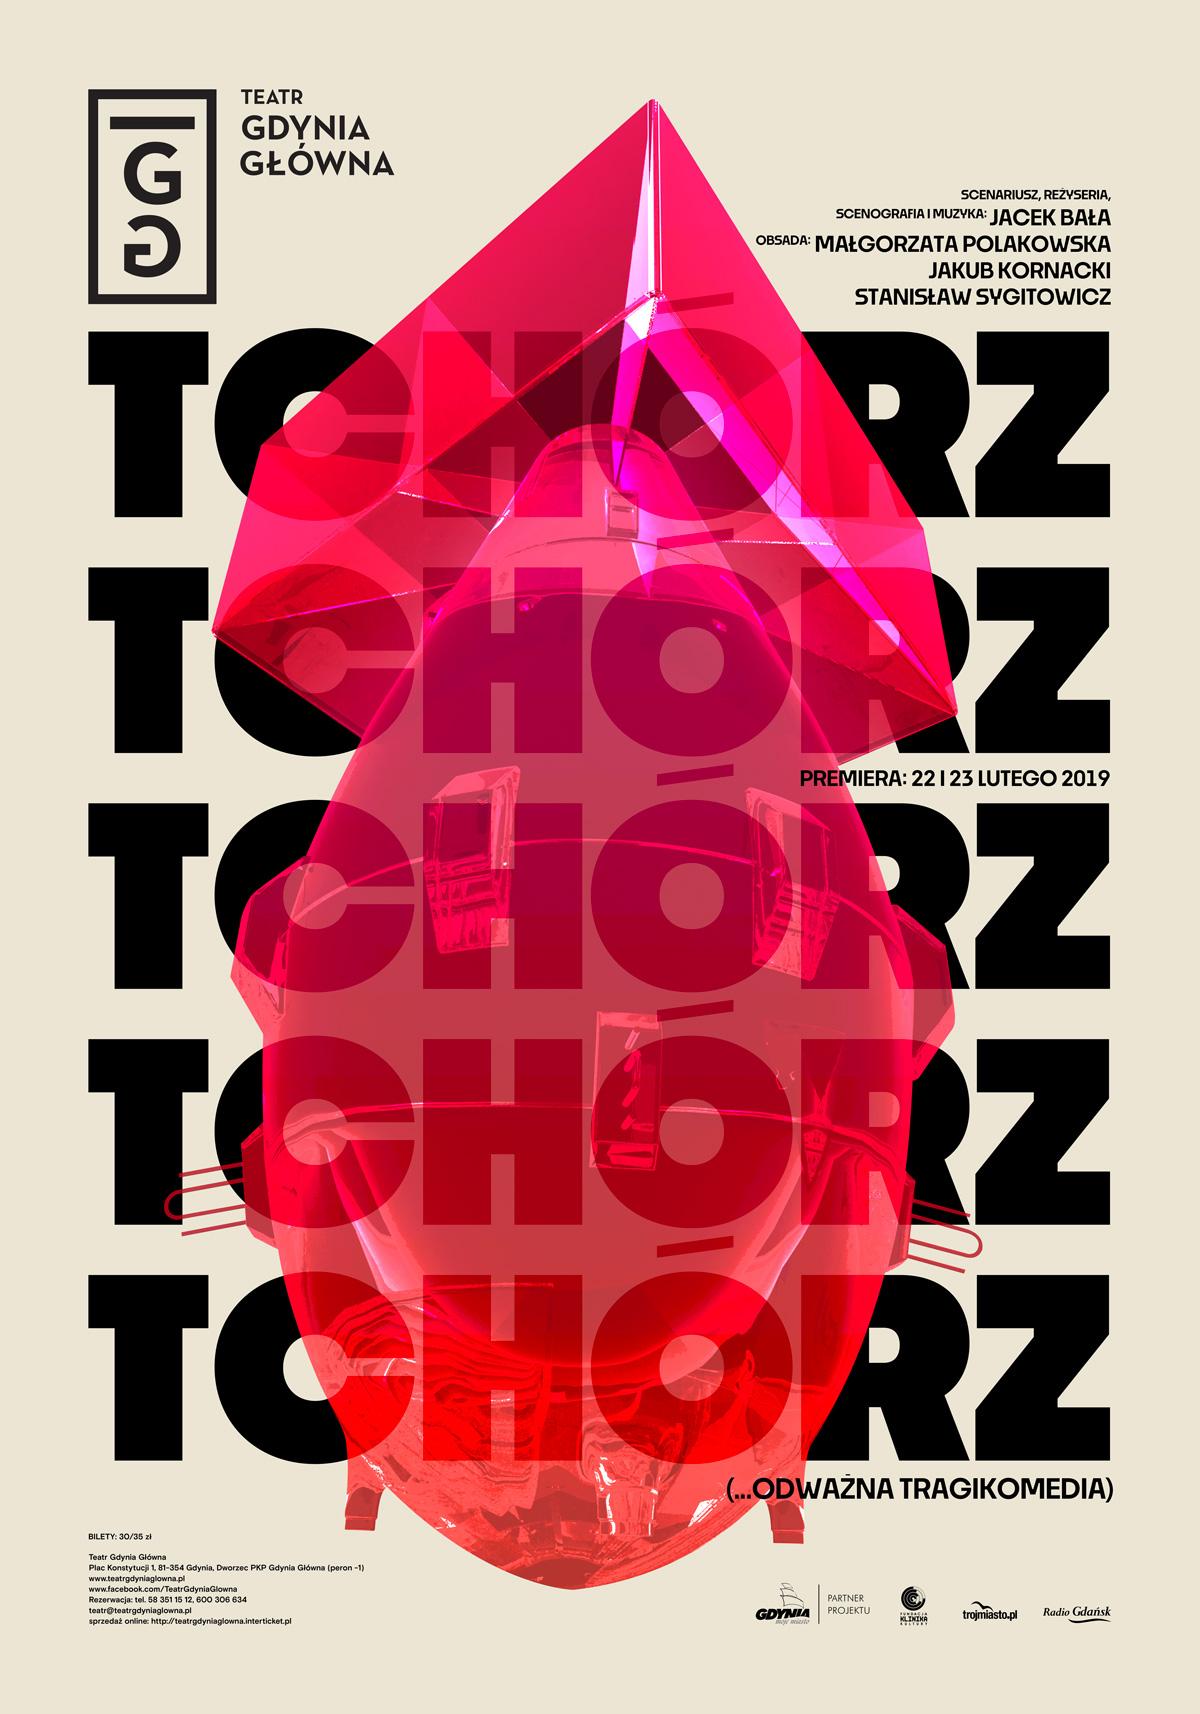 TCHÓRZ – odważna tragikomedia plakat (źródło: materiały prasowe organizatora)